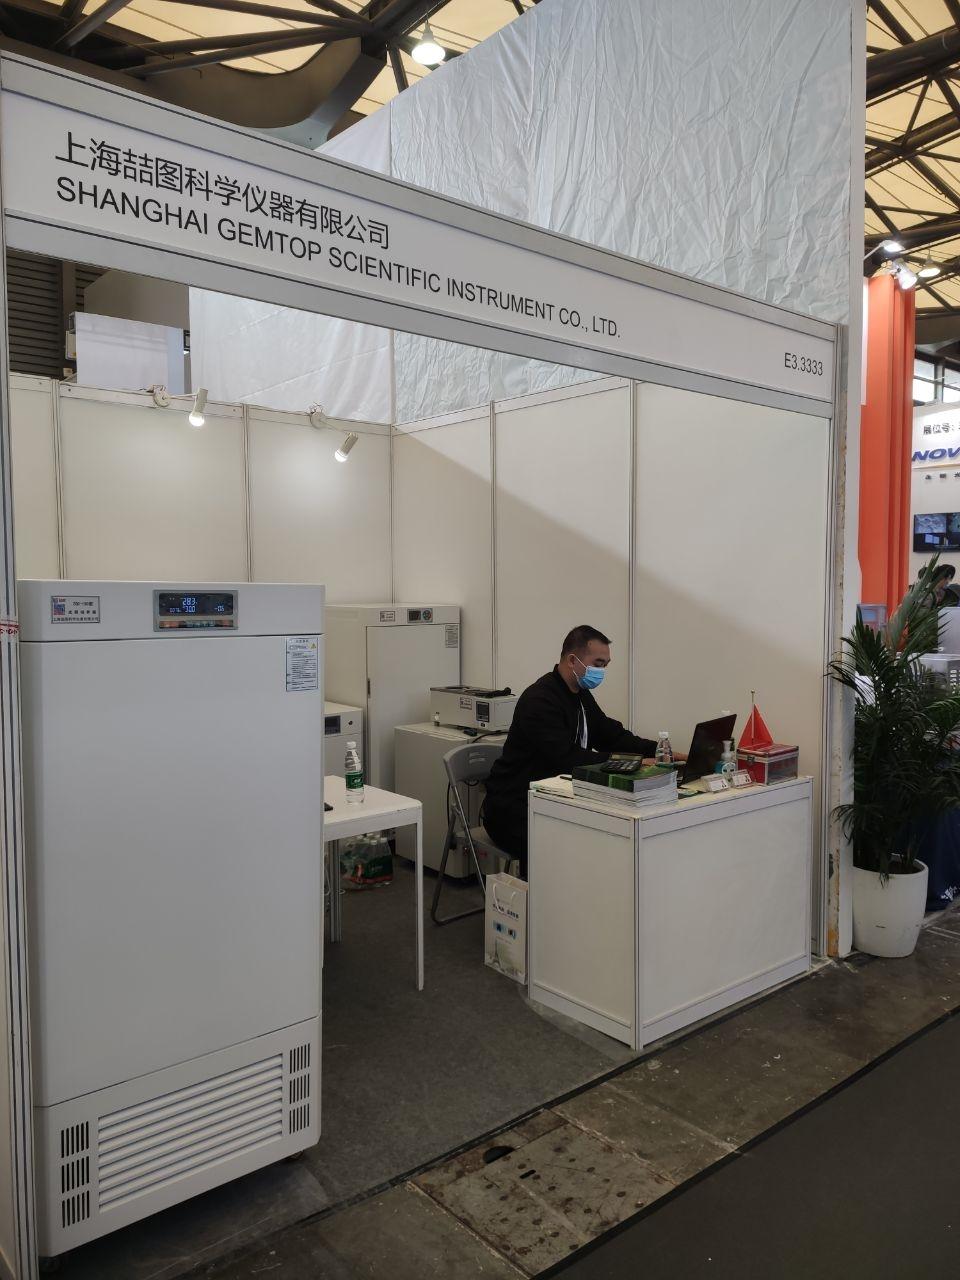 上海喆图现身慕尼黑分析生化展